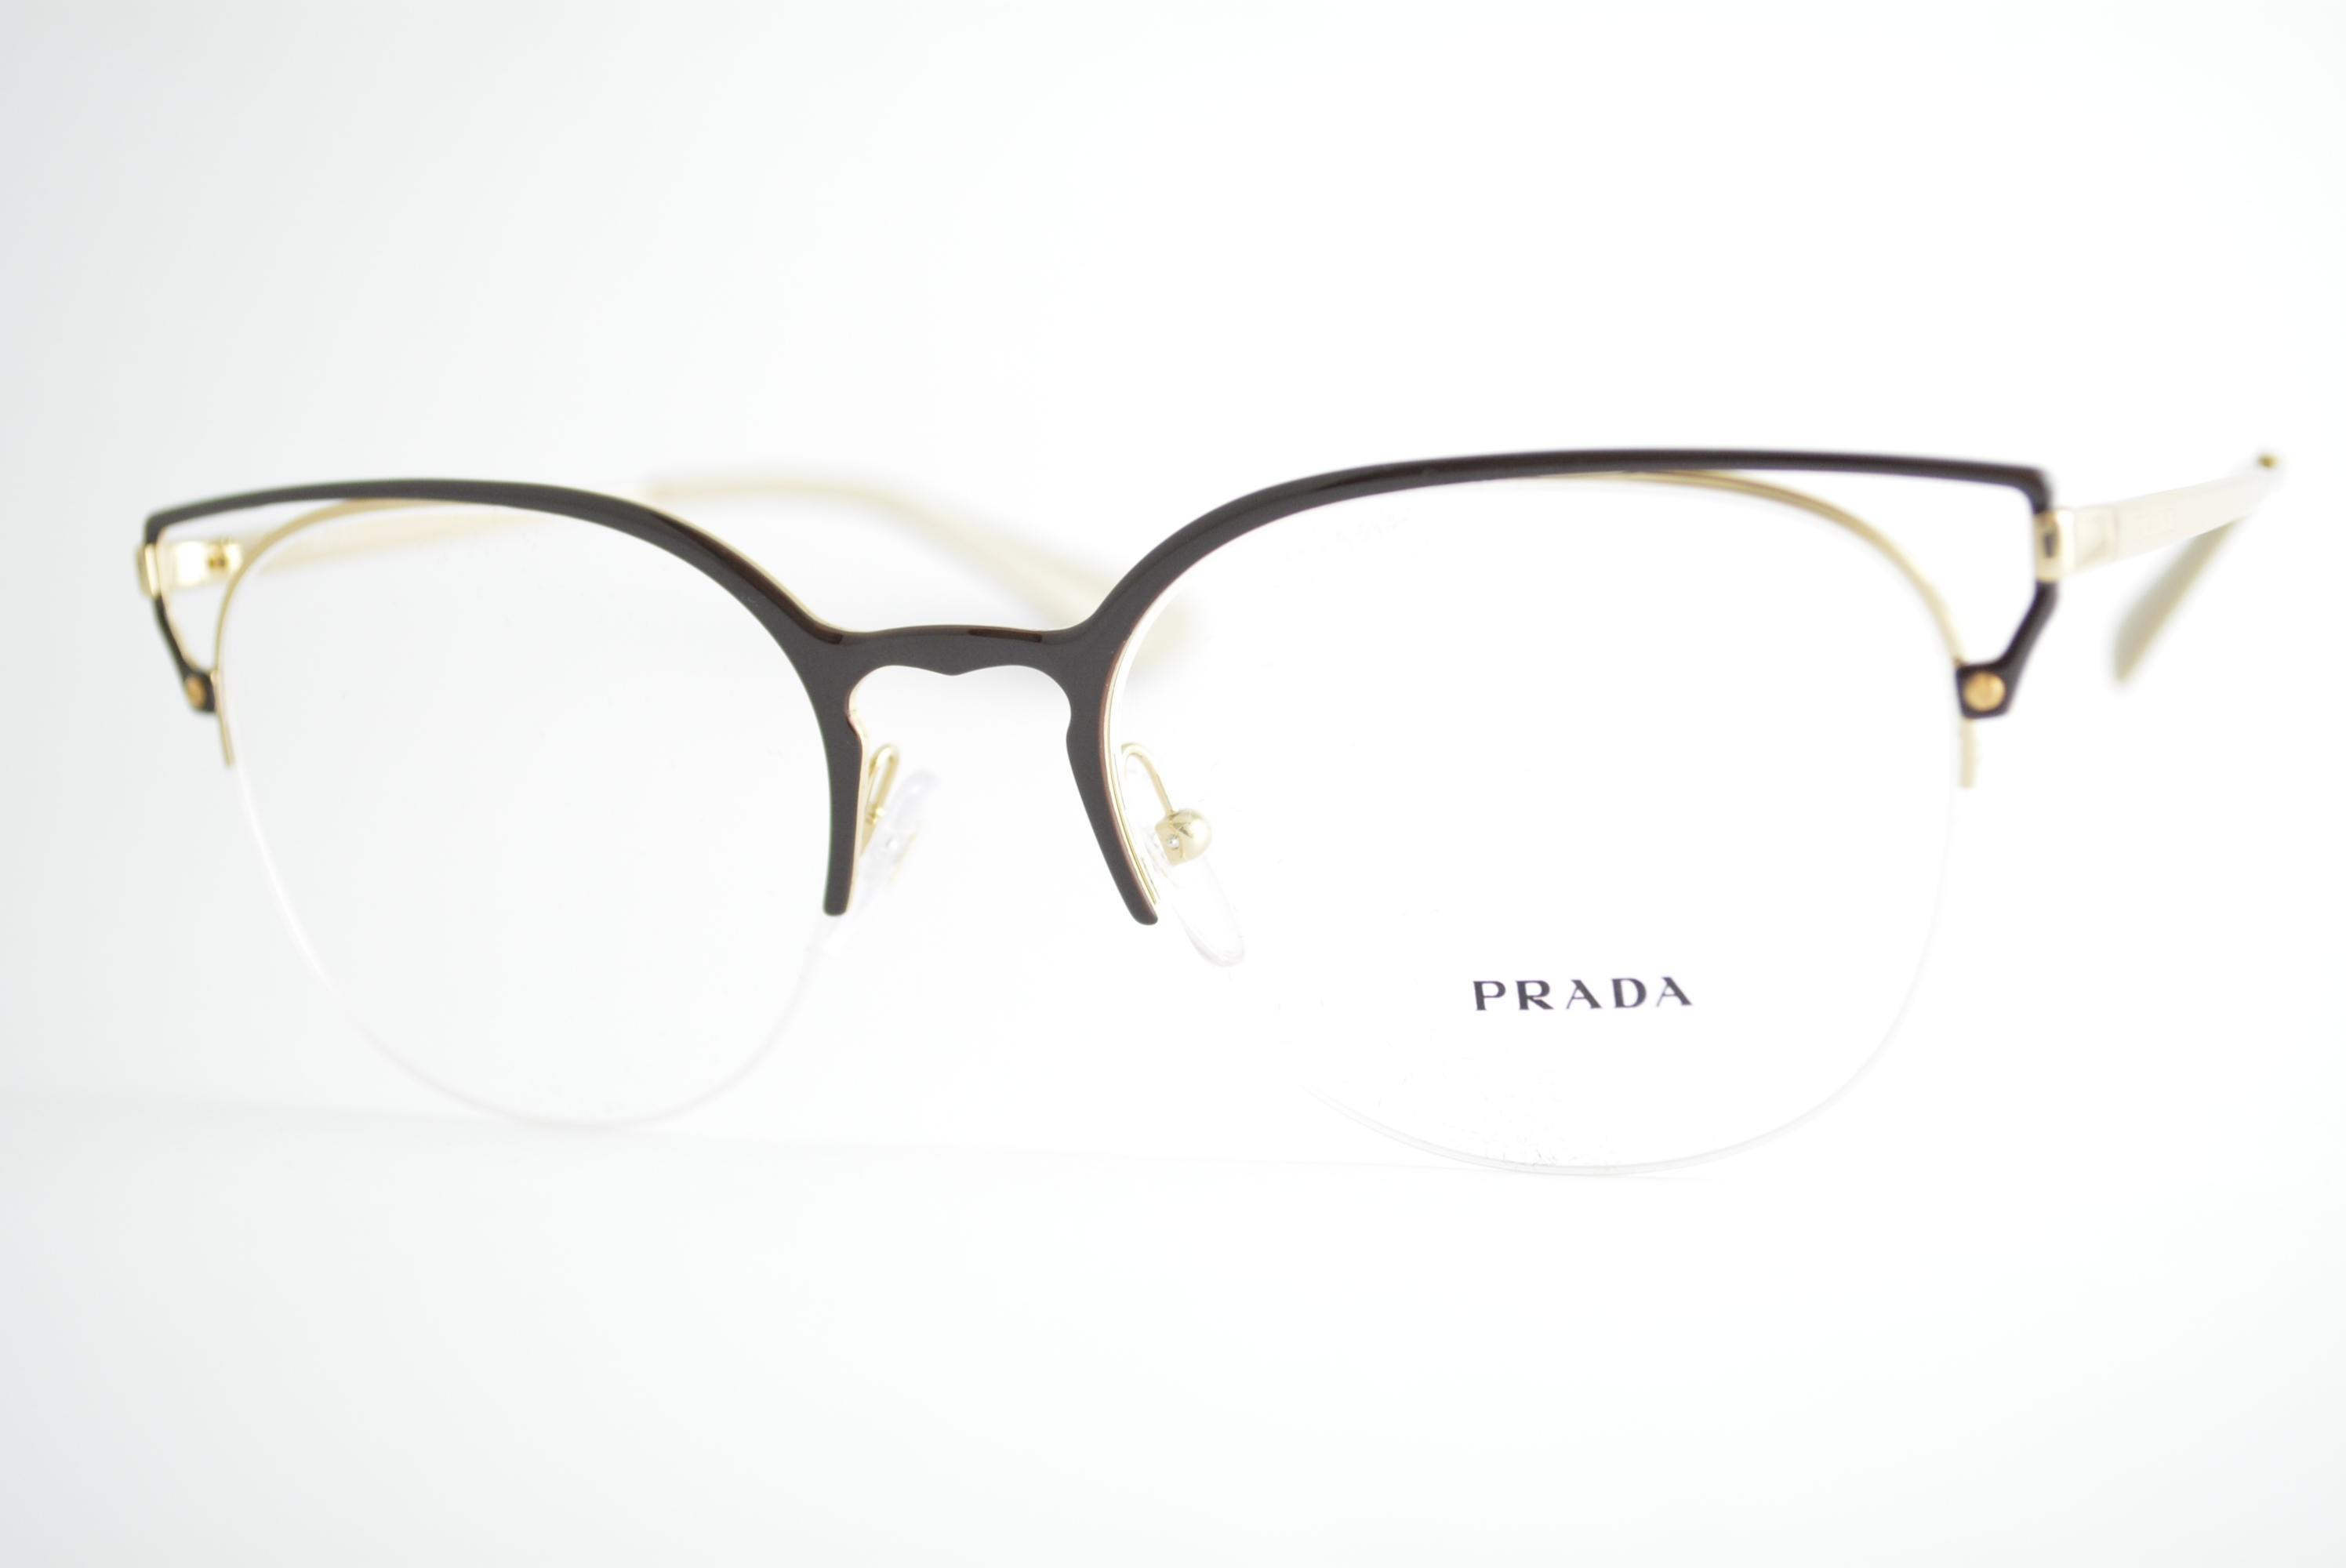 7ce50f47bef00 armação de óculos Prada mod vpr64U 98R-1O1 Ótica Cardoso